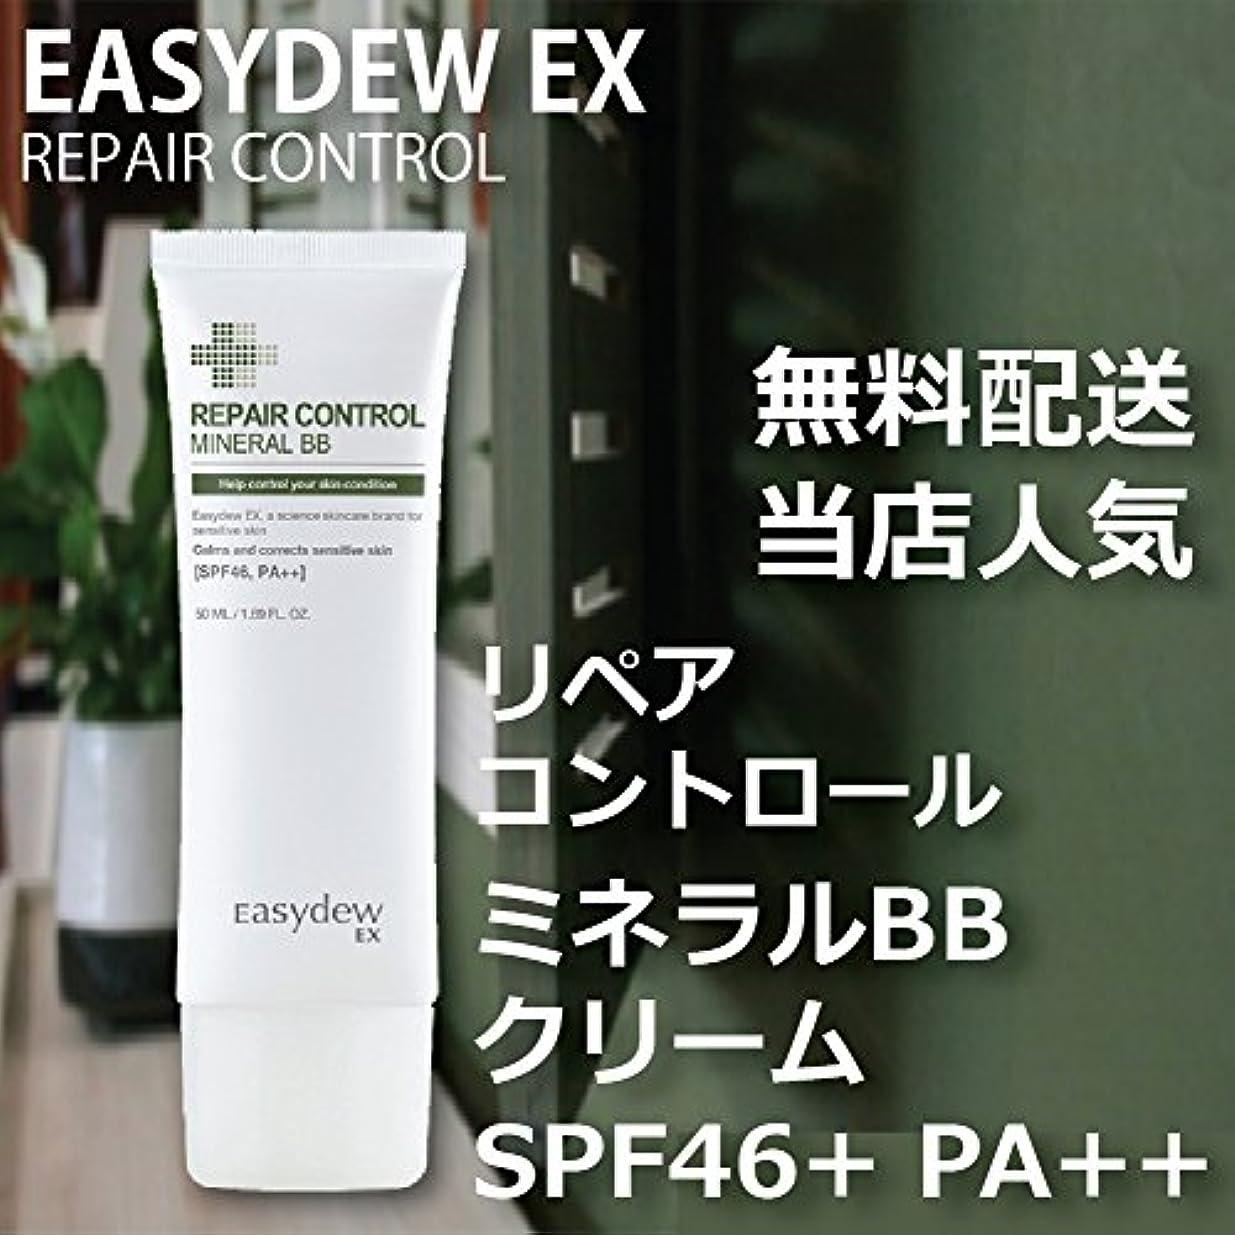 対立非難石油EASY DEW EX ミネラル BBクリーム SPF46+ PA++ 50ml MINRAL BB CREAM 韓国 人気 コスメ イージーデュー 敏感 乾燥 美白 しわ 3重機能性